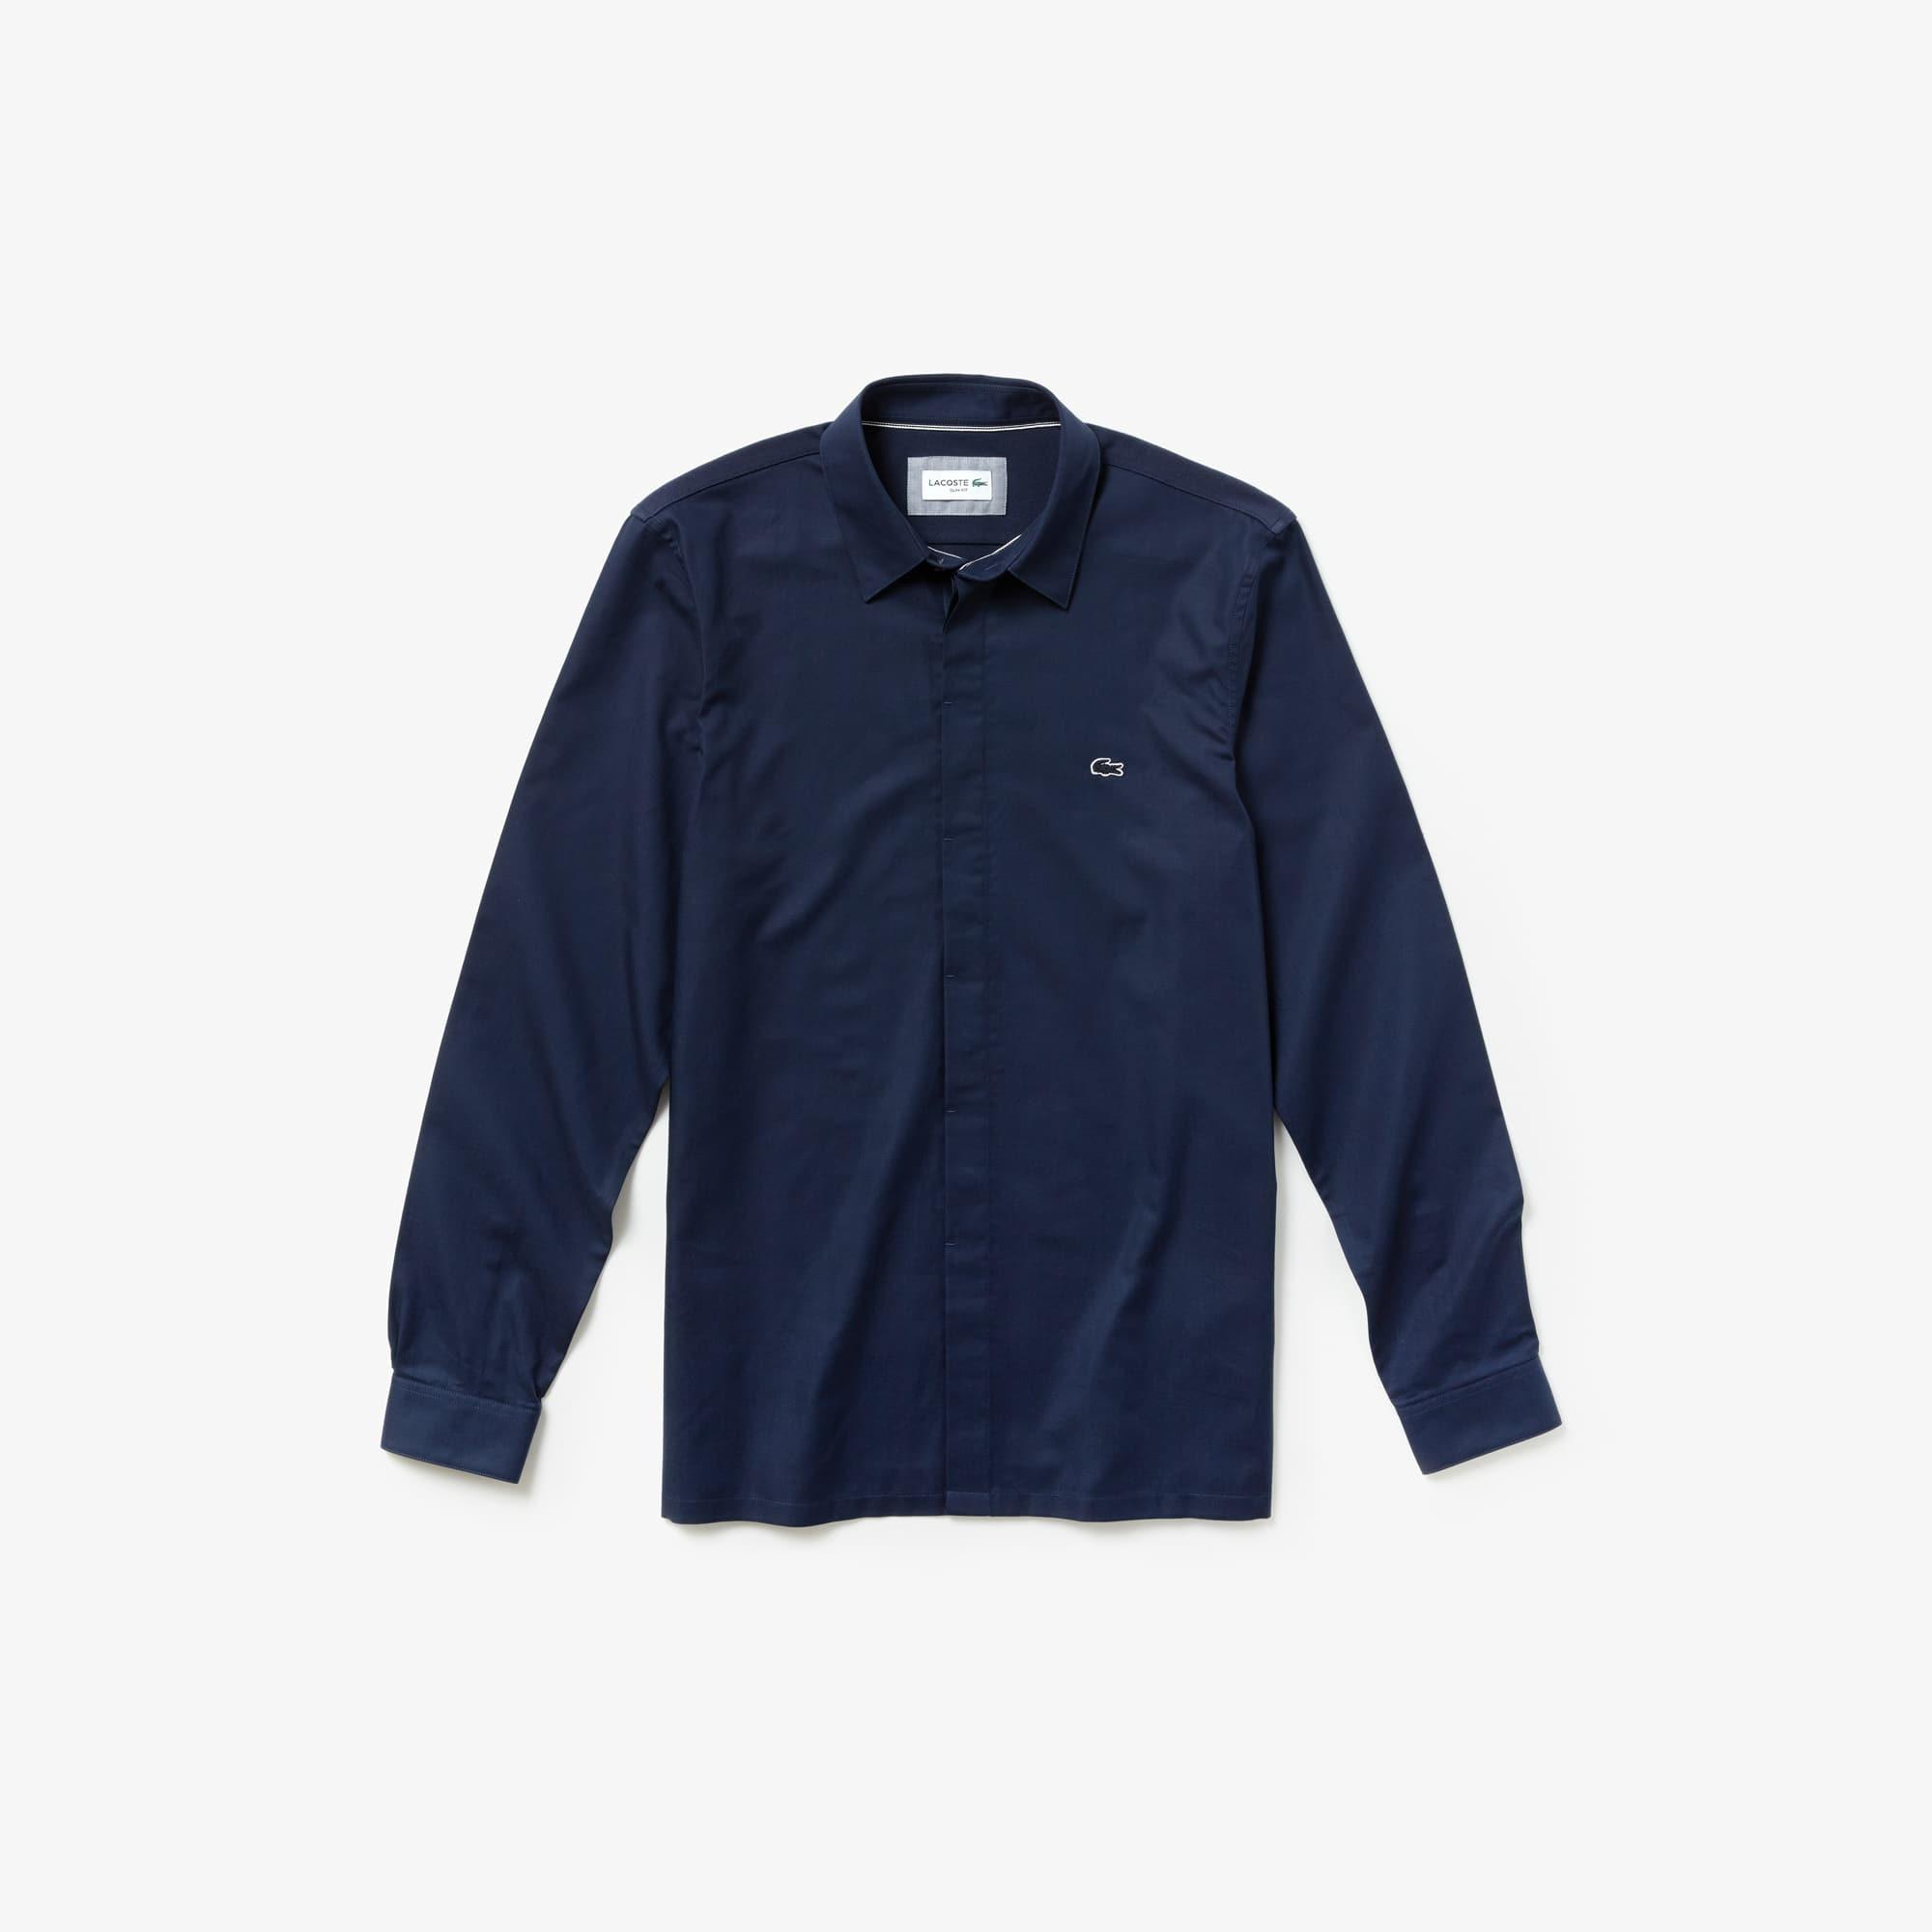 Camisa slim fit Lacoste Motion em mini piqué de algodão unicolor